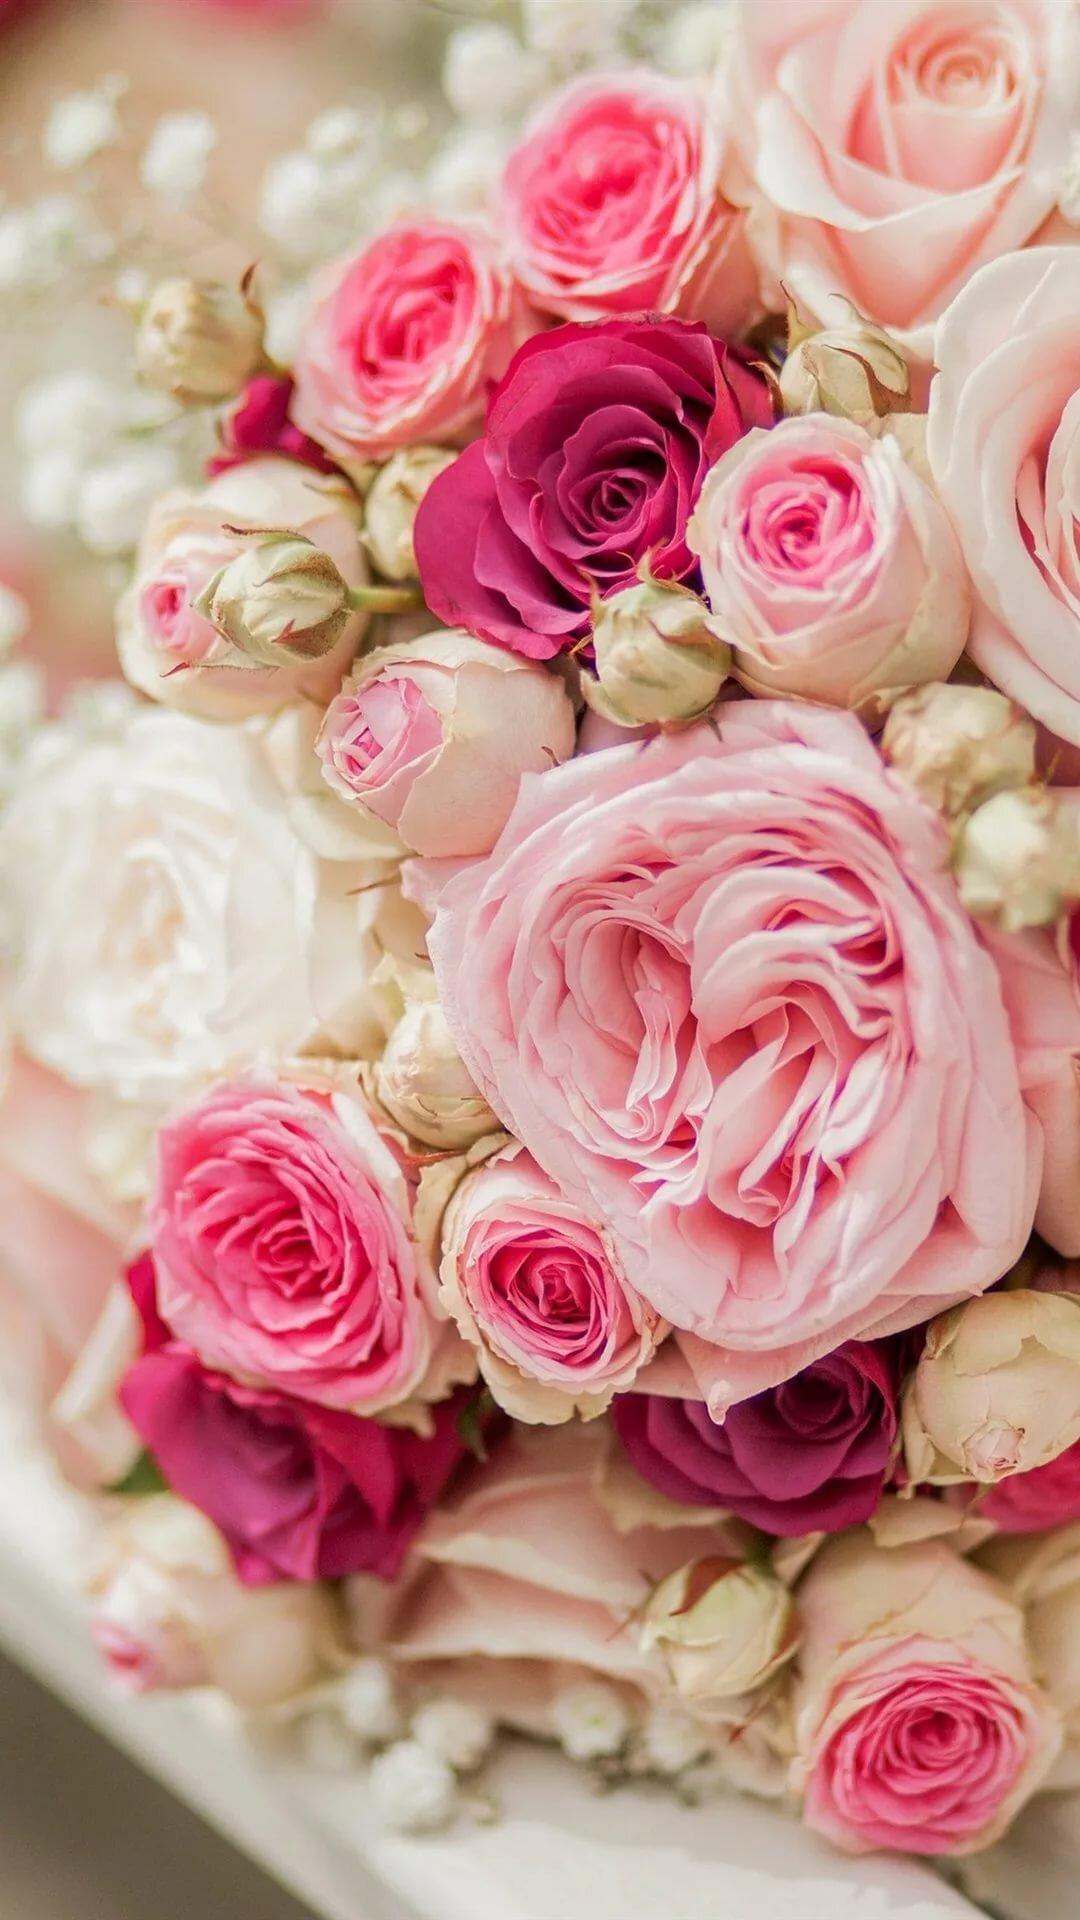 розы нежные картинки вертикальные